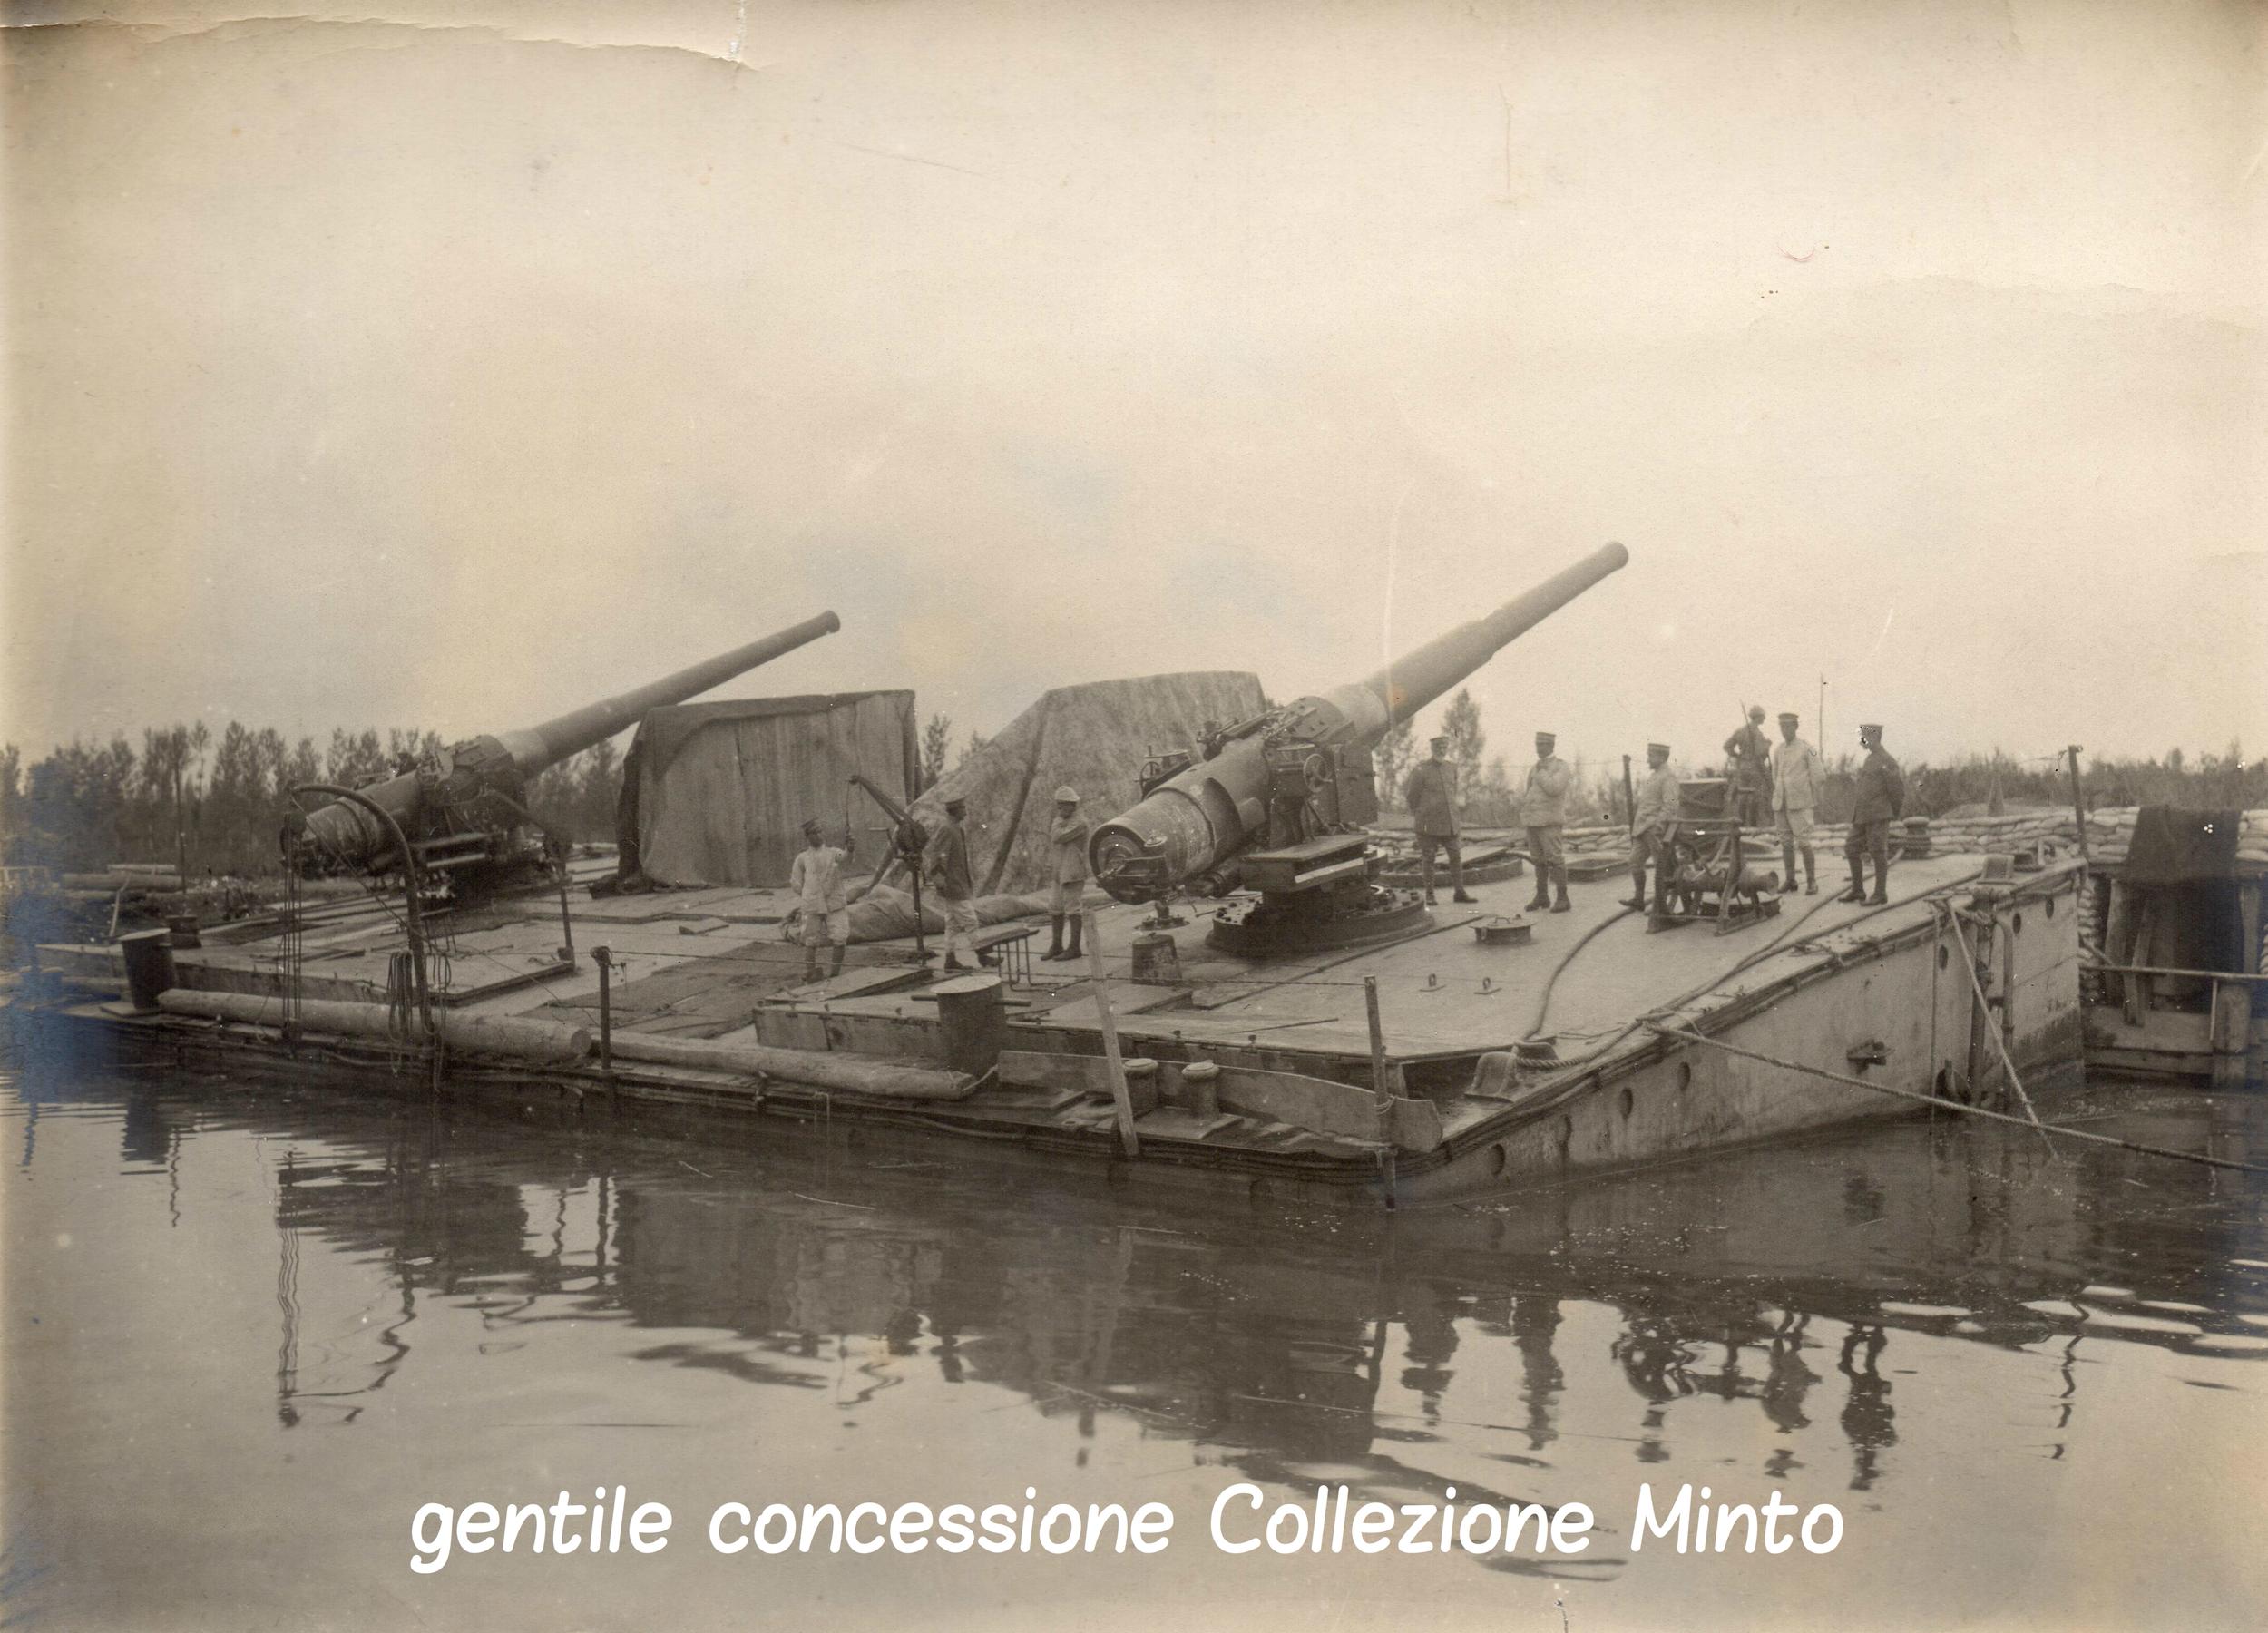 Pontoneitaliano attrezzato con batterie di pezzi navali schierato sul fronte del Piave